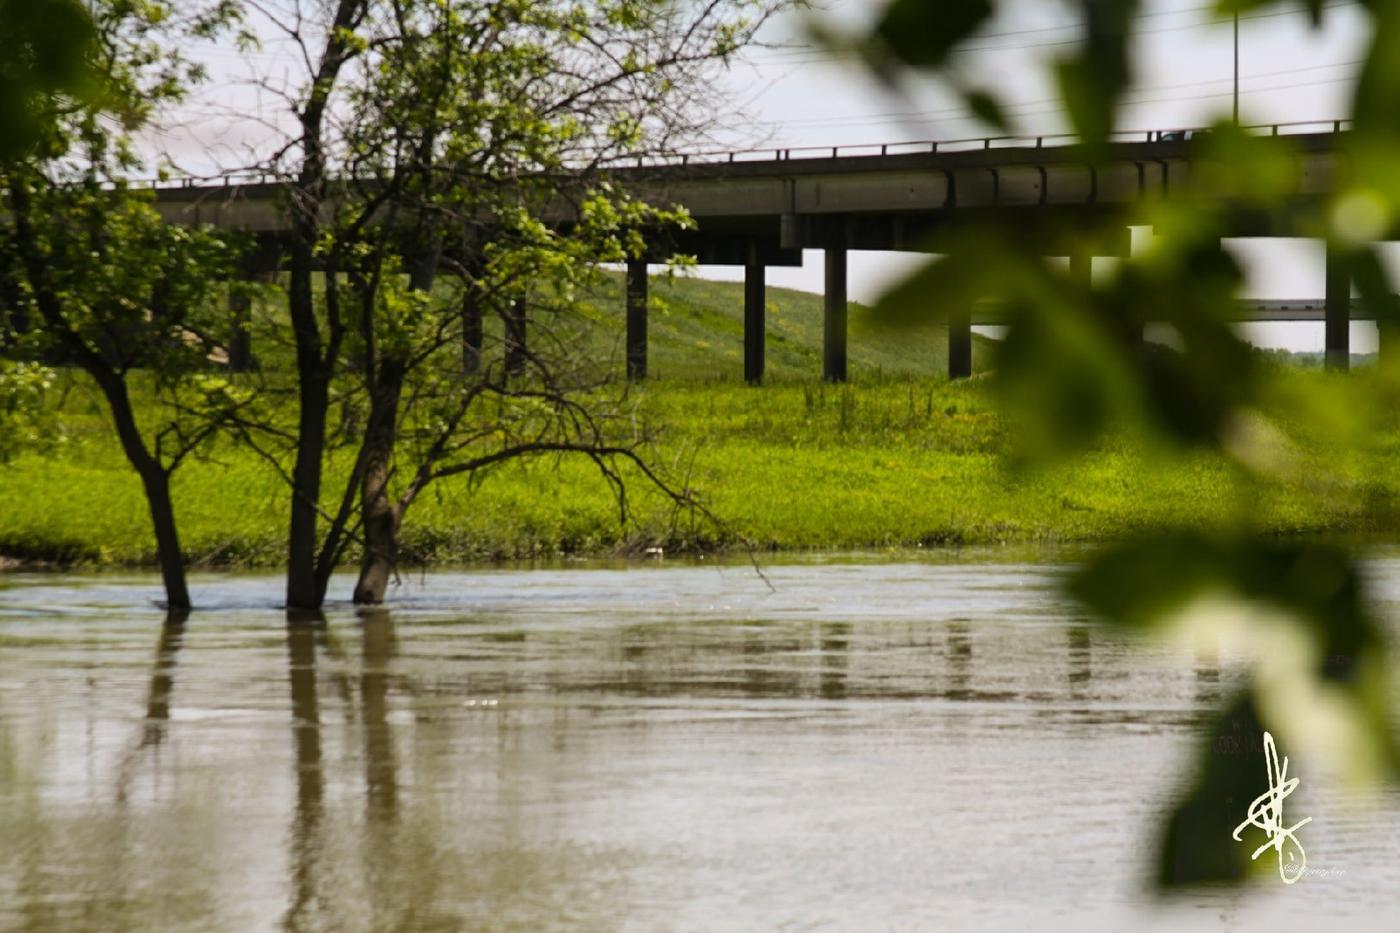 Inundación suave (Antonio Rodriguez)